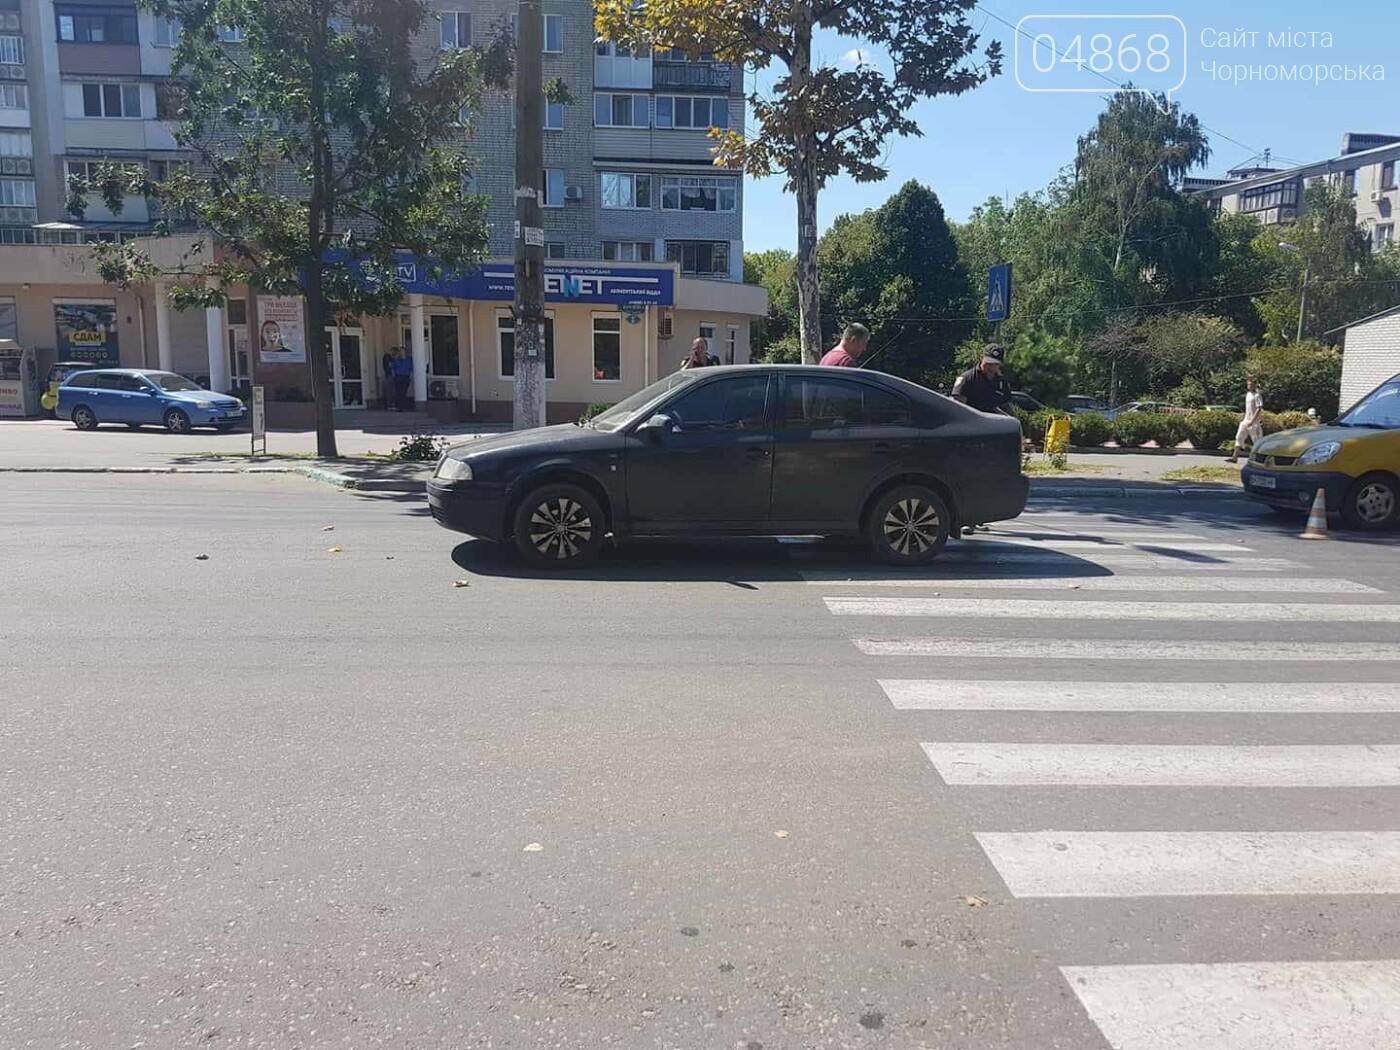 На пешеходном переходе в Черноморске сбили двух женщин, фото-4